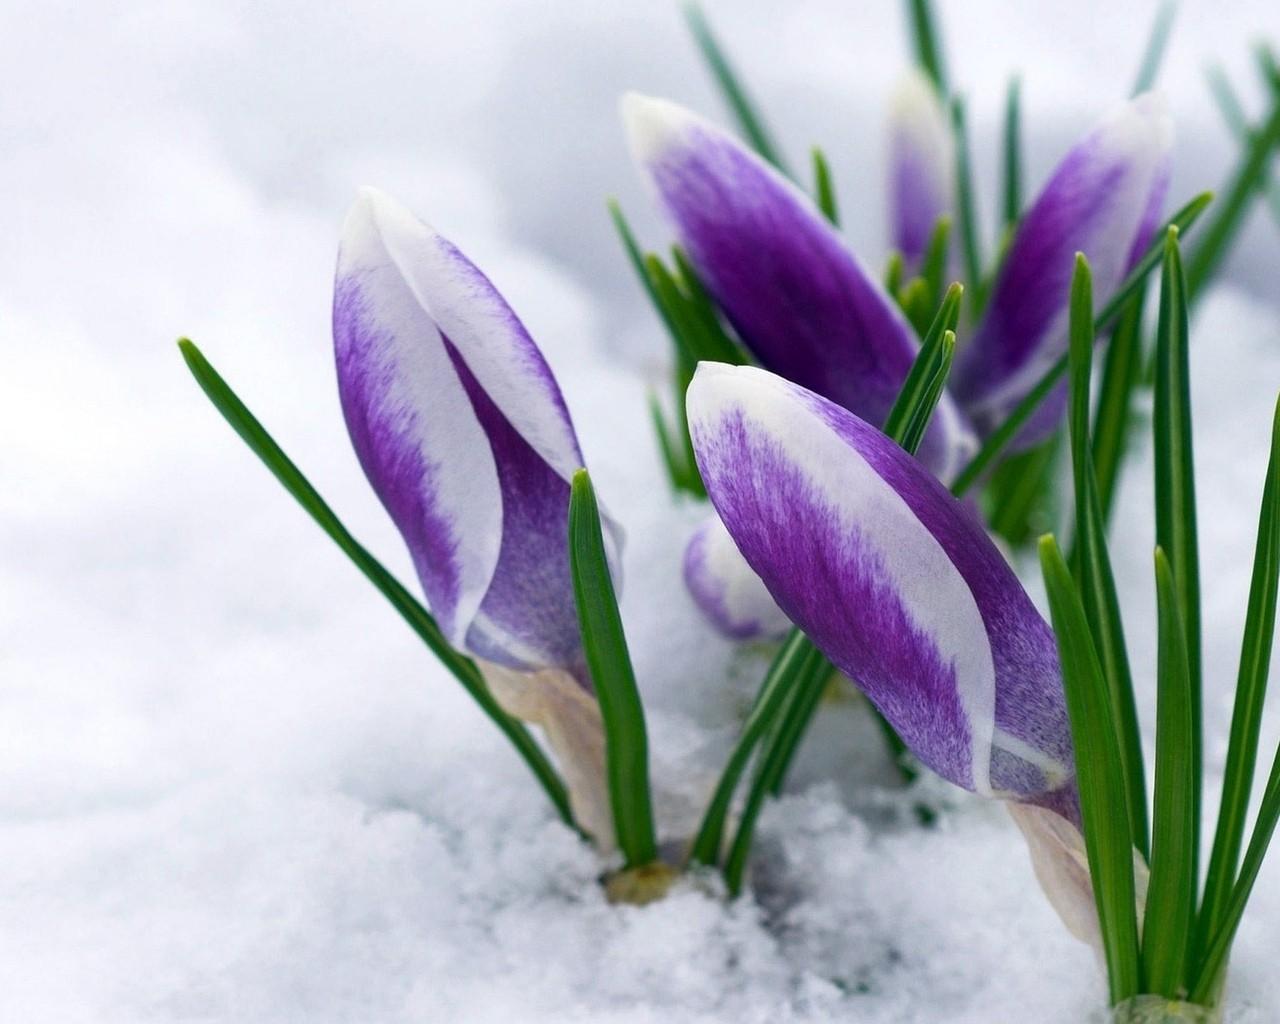 Первый день весны стихи - сборник красивых стихов в доме солнца